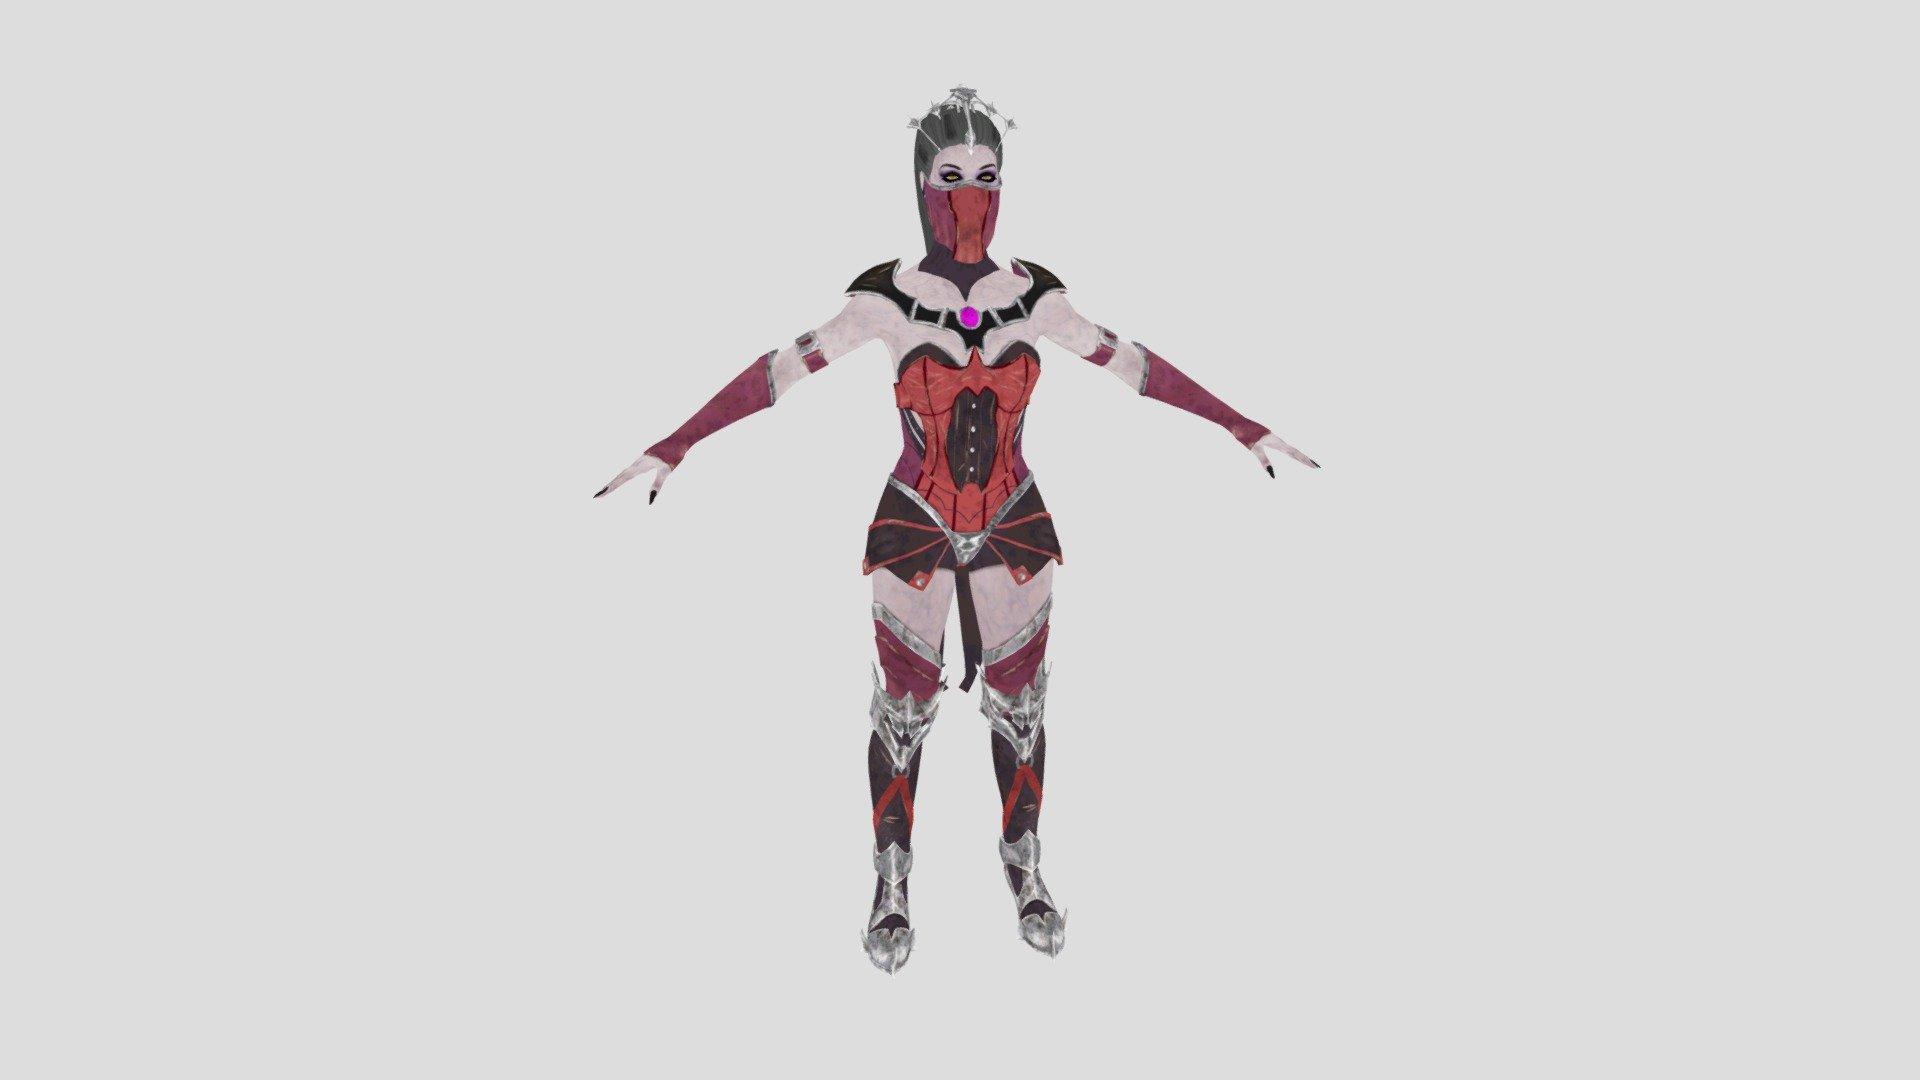 X mileena kombat Kitana/Mileena (Mortal